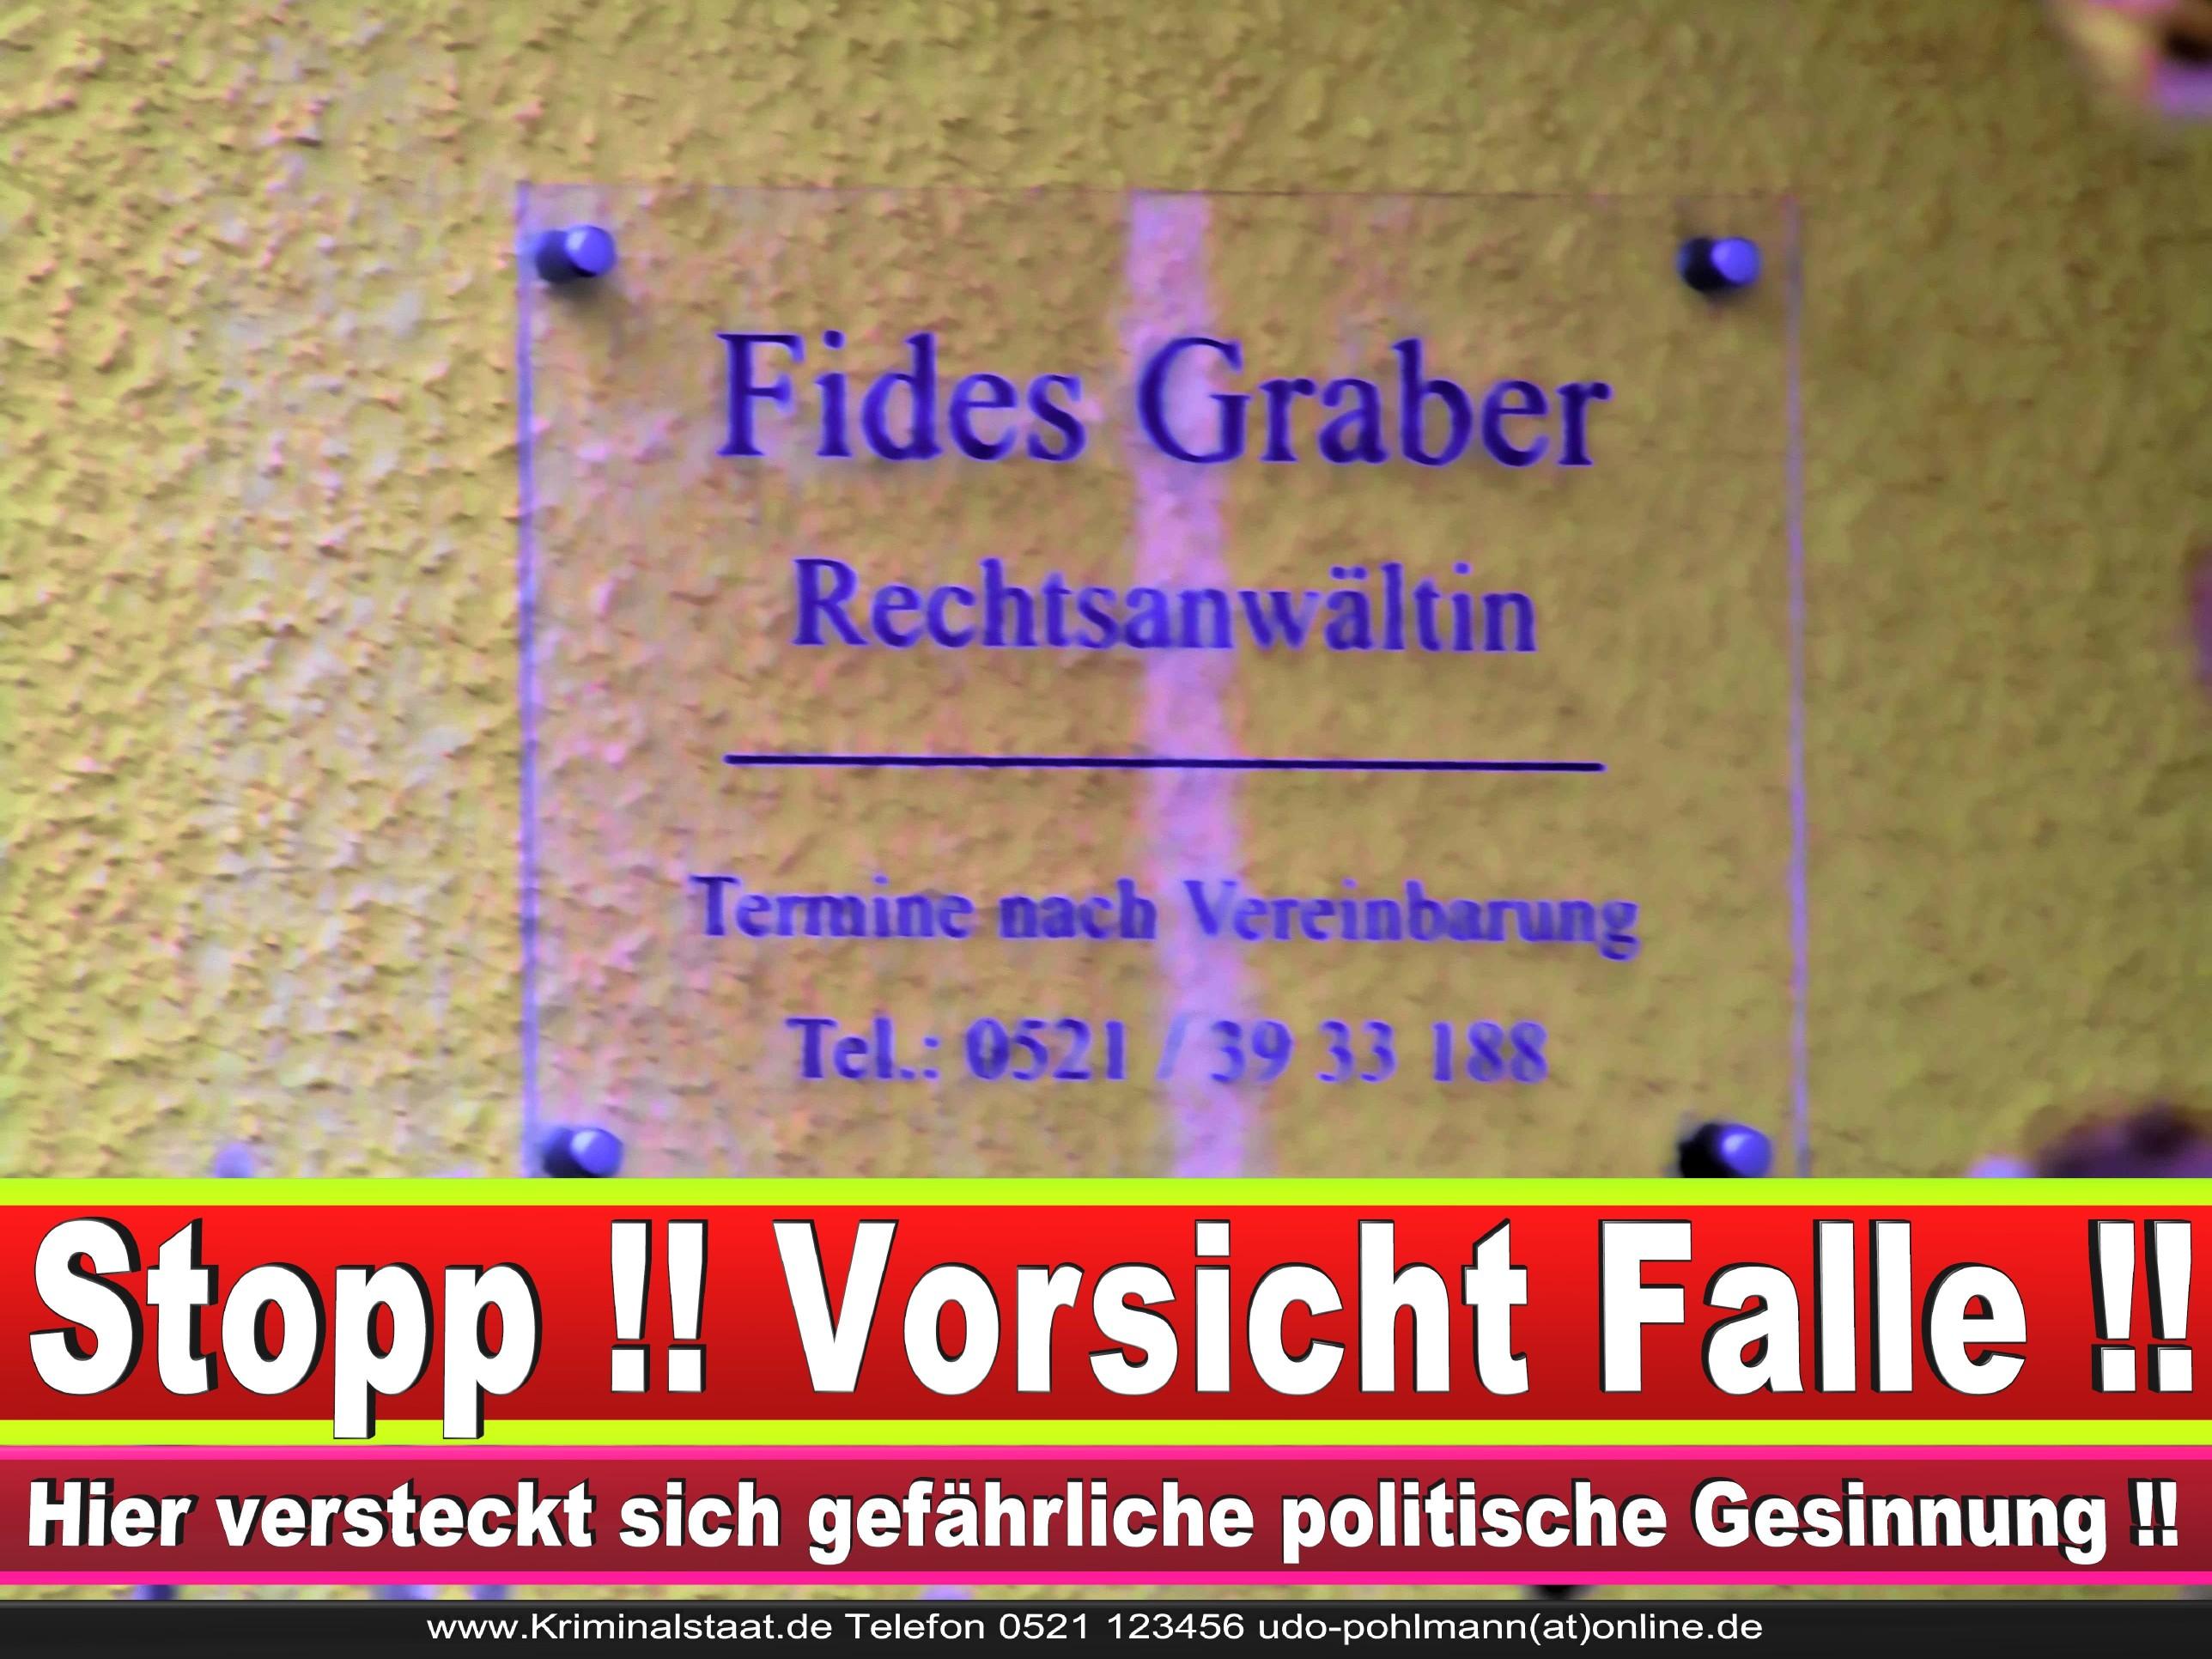 Rechtsanwältin Fides Graber Bielefeld CDU Bielefeld 3